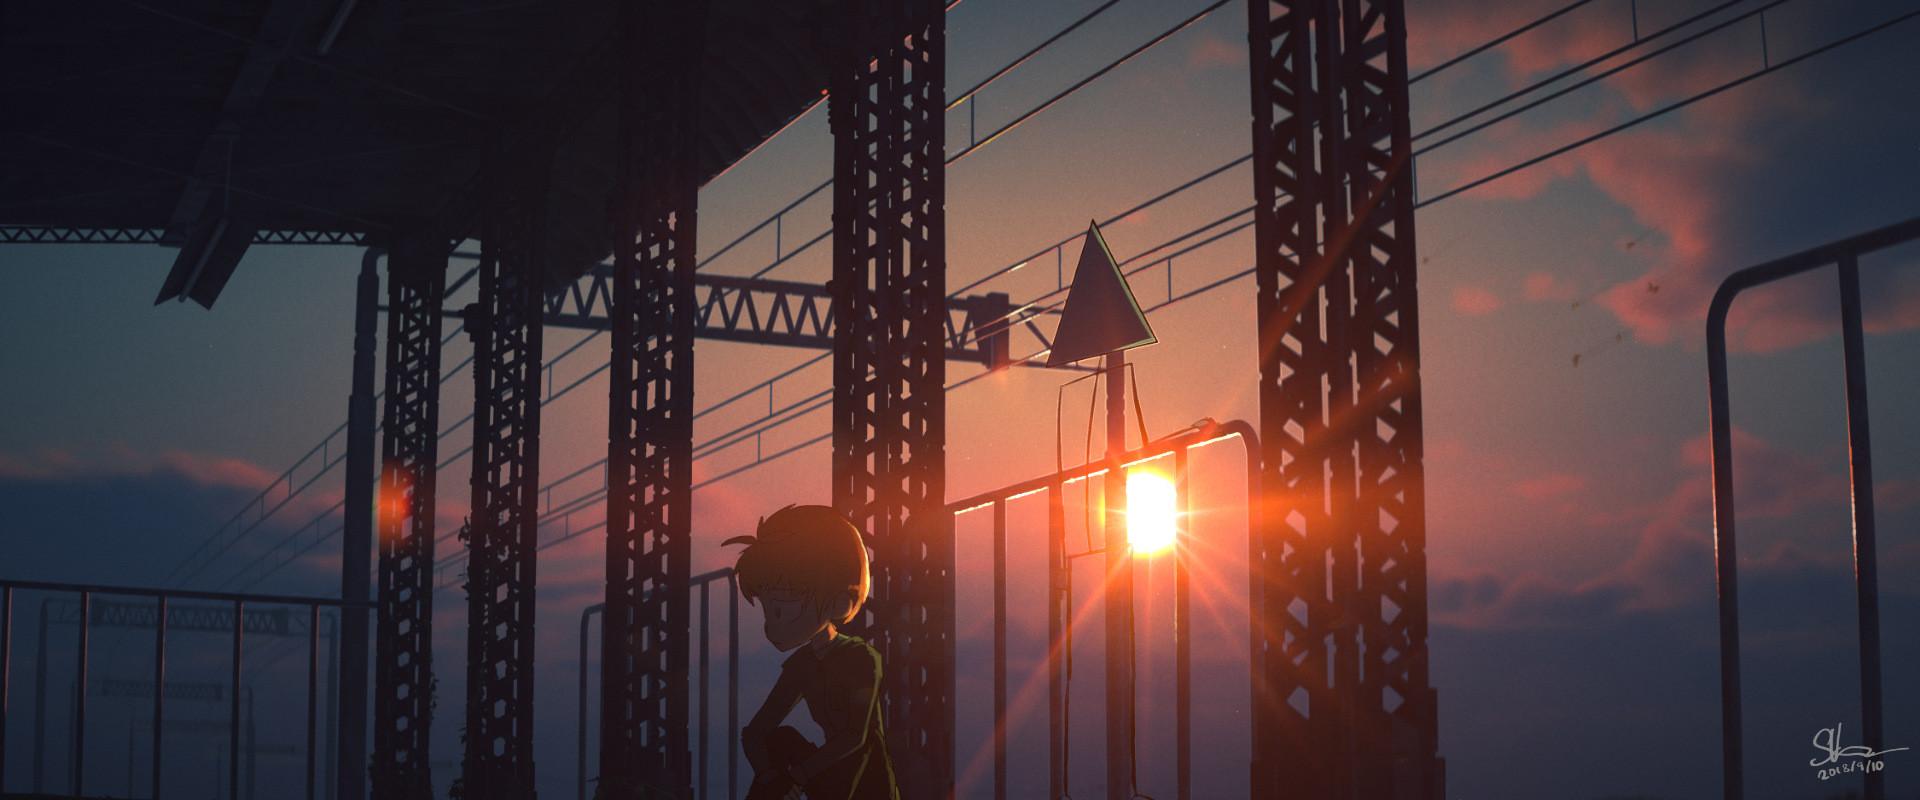 Sid and a triangle headed stick figure god watch a sunset.